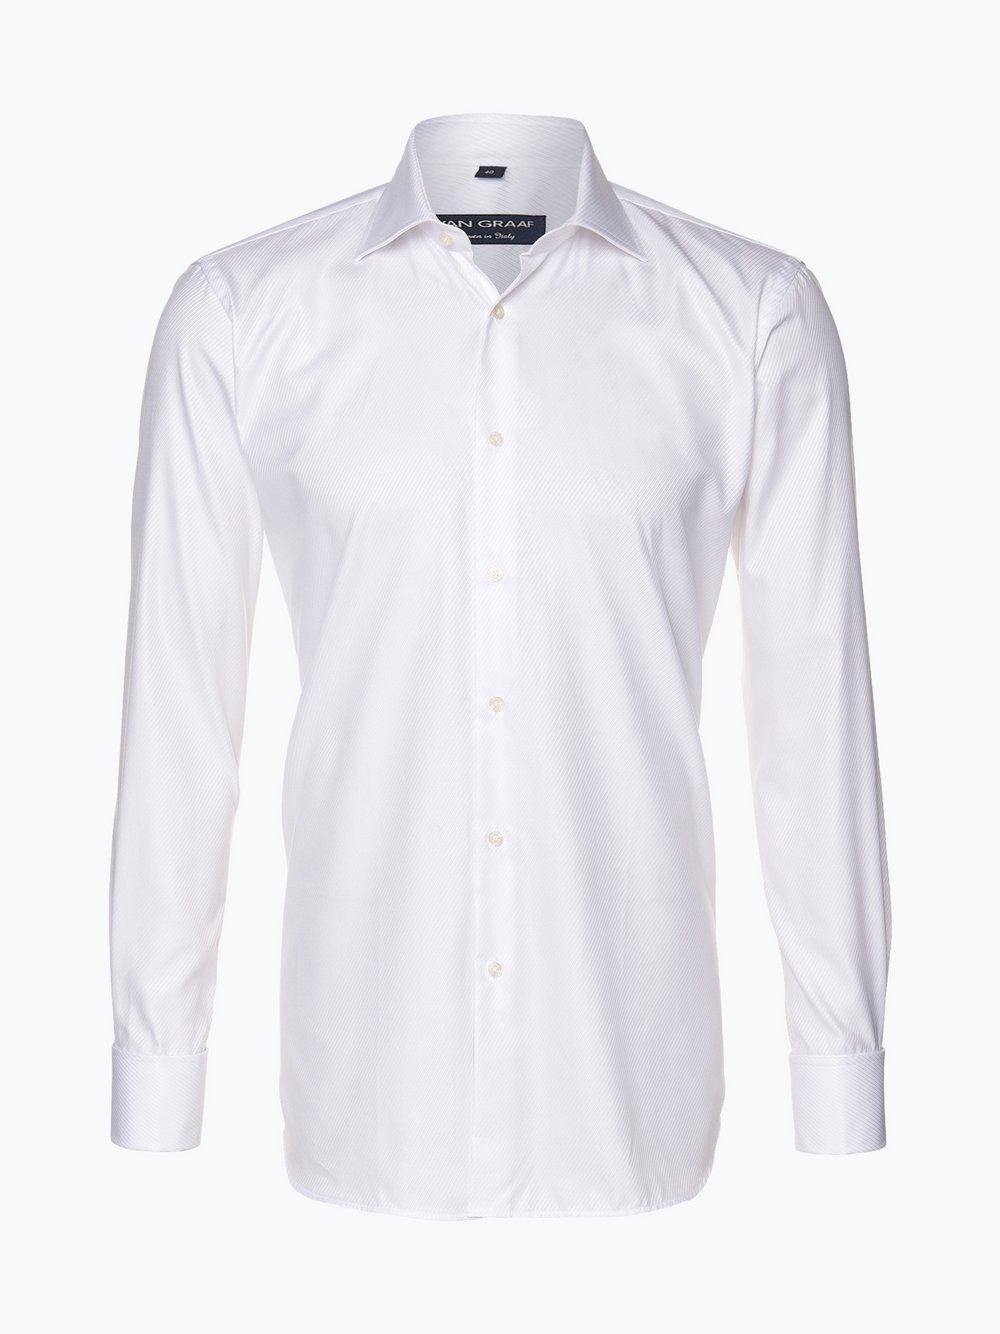 van graaf herren hemd mit umschlagmanschetten und einstecktuch  van graaf herren hemd mit umschlagmanschetten und einstecktuch manifattura tessuti italiani 0